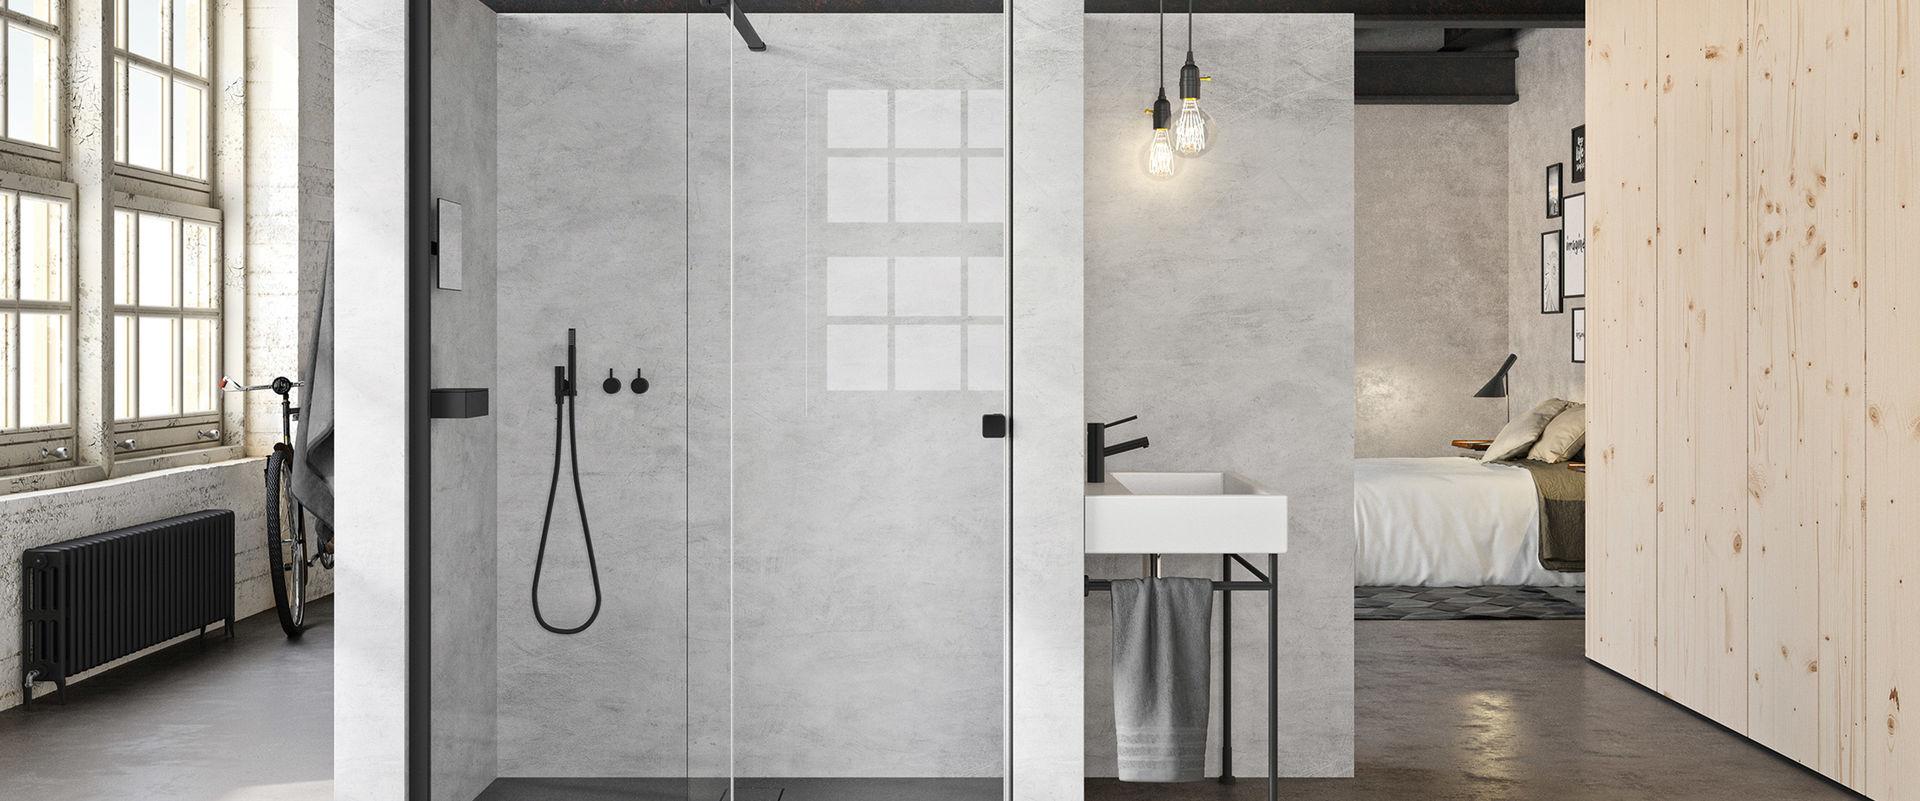 Full Size of Hüppe Dusche Anal 80x80 Glastrennwand Fliesen Für Bidet Duschen Kaufen Haltegriff Siphon Unterputz Armatur Antirutschmatte Schiebetür Einhebelmischer Dusche Hüppe Dusche